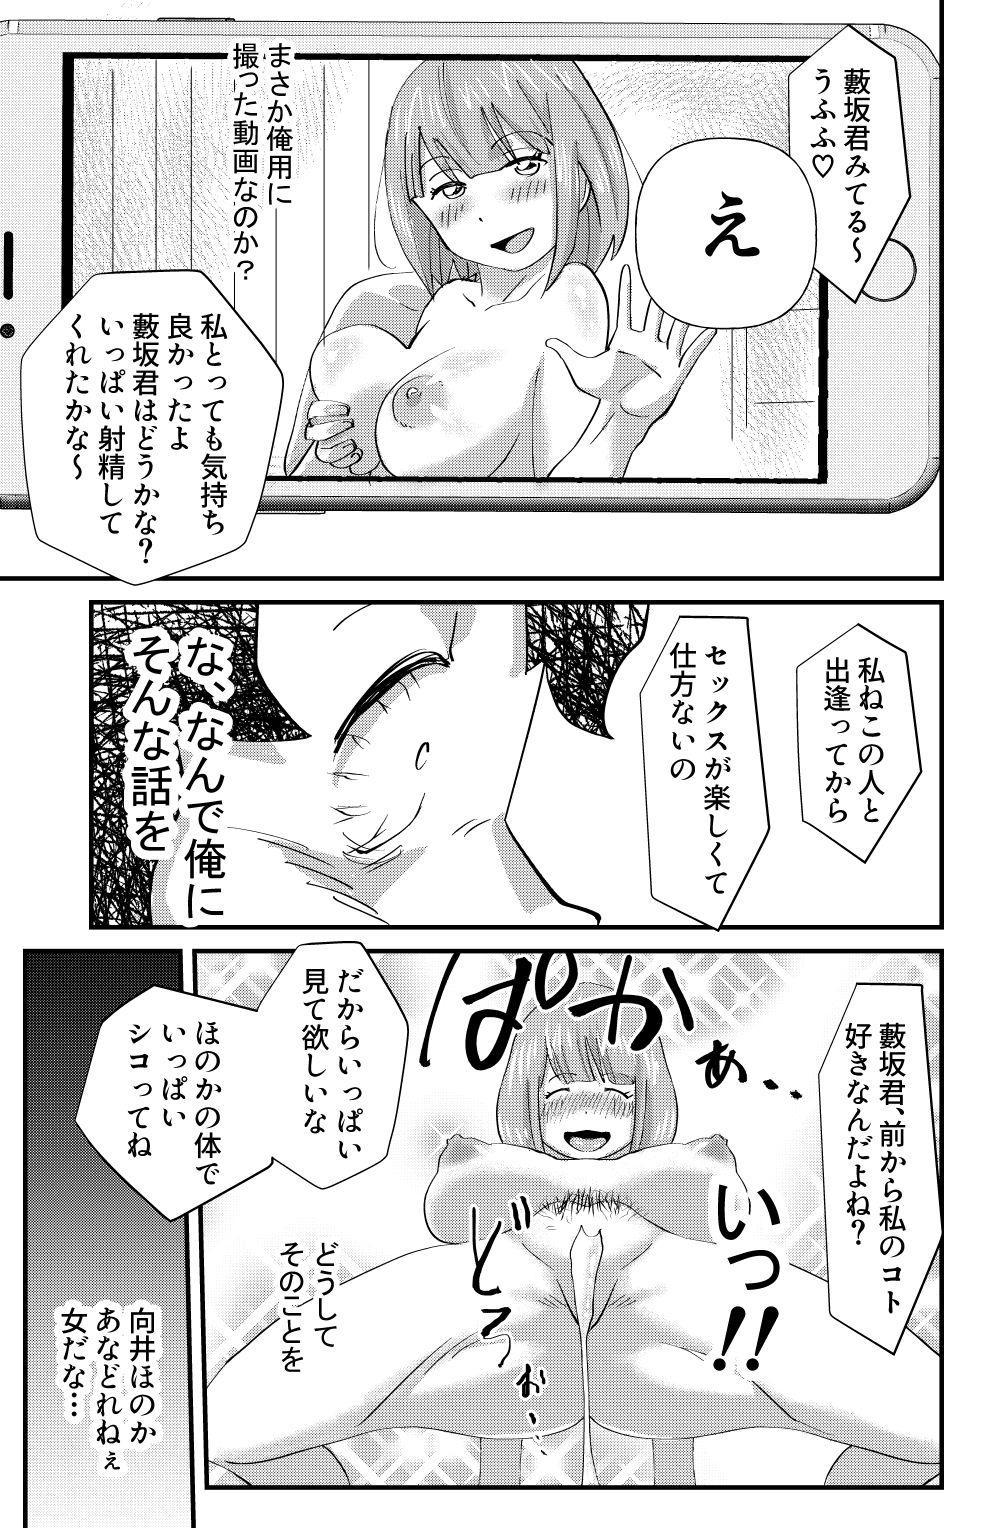 Otonashii-kei Joshi Mukai Honoka no Nichijou o Shitta Toki... 8